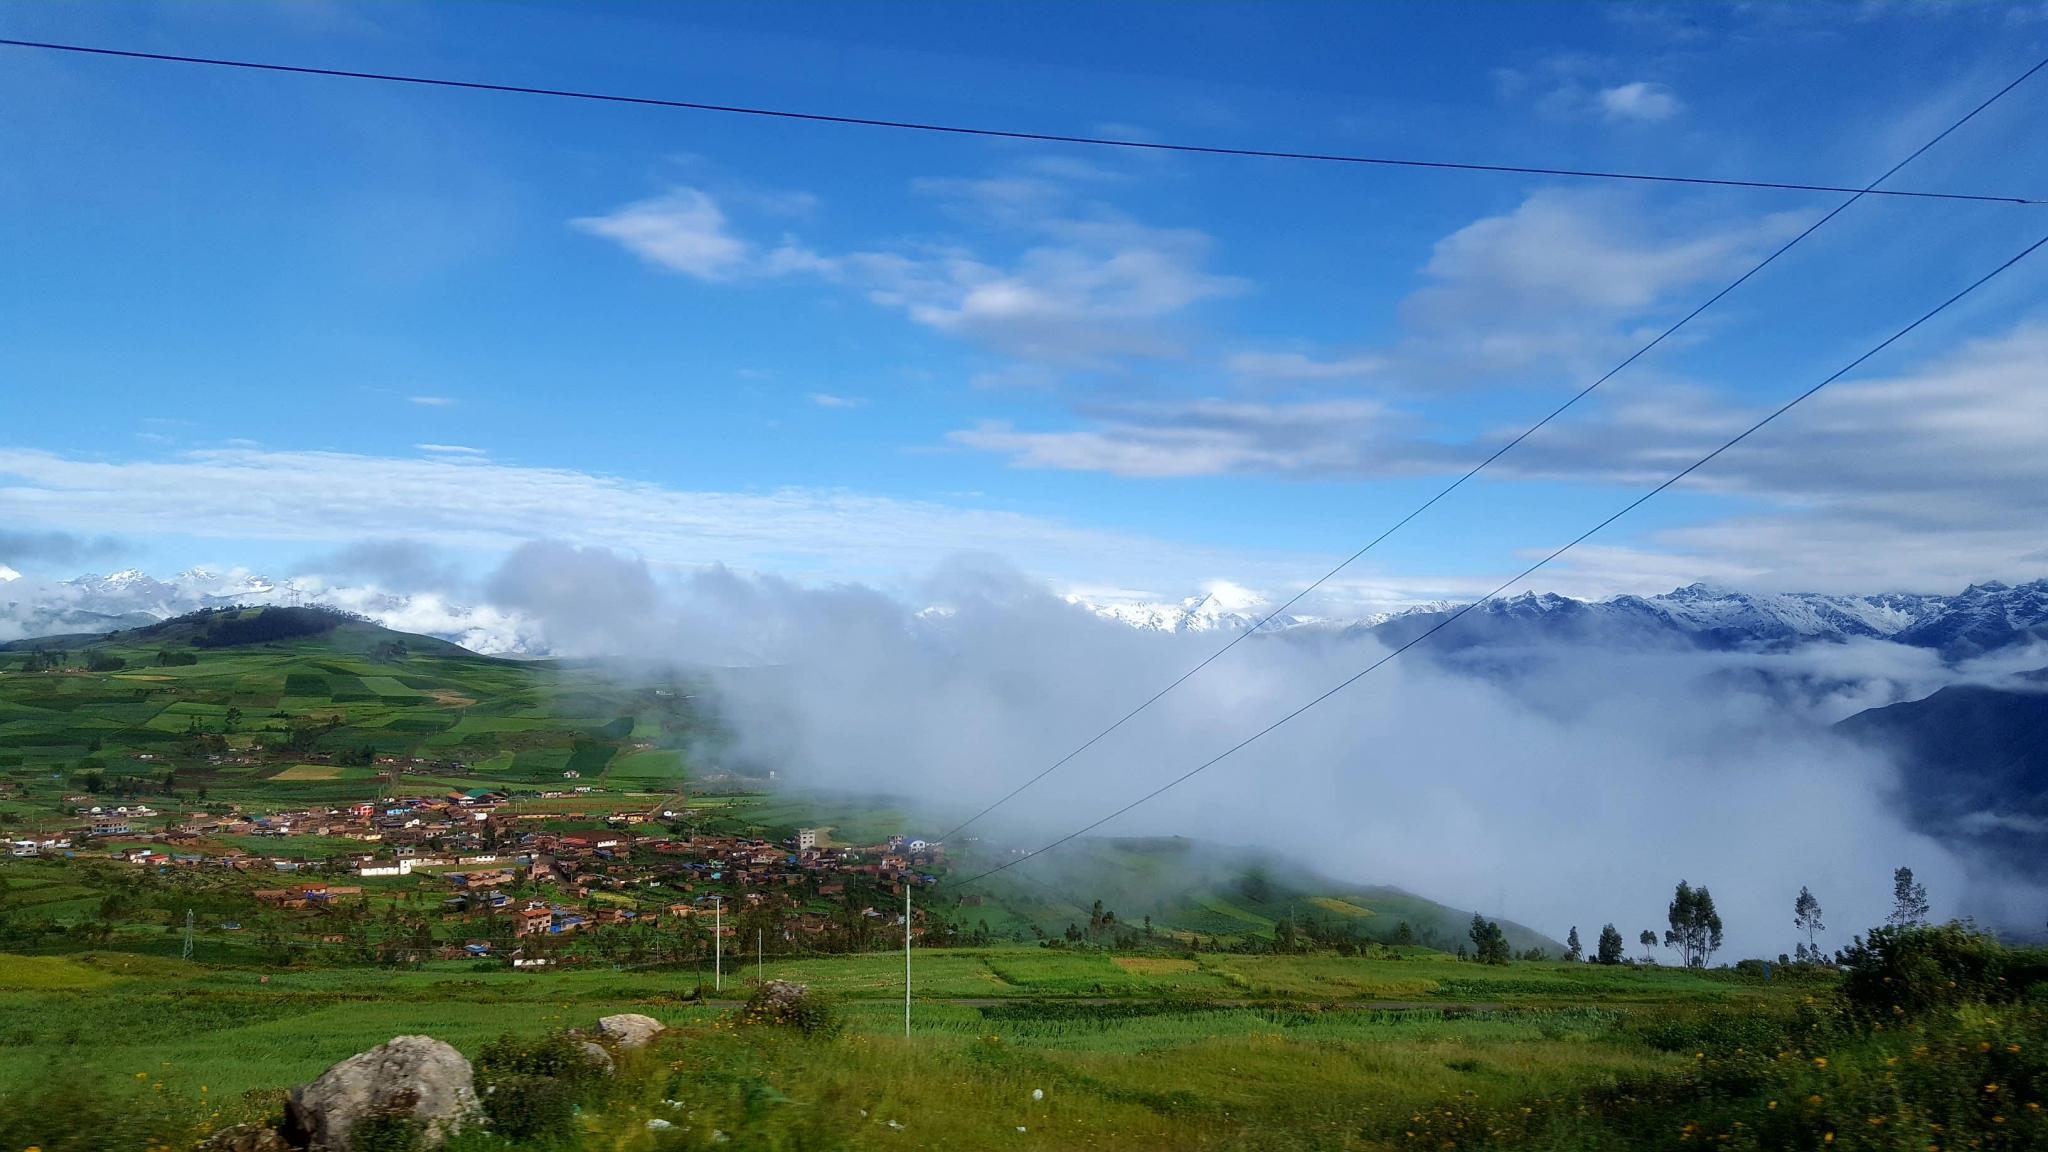 Peru: Lima, Cusco and Machu Picchu-mountains-villages-jpg